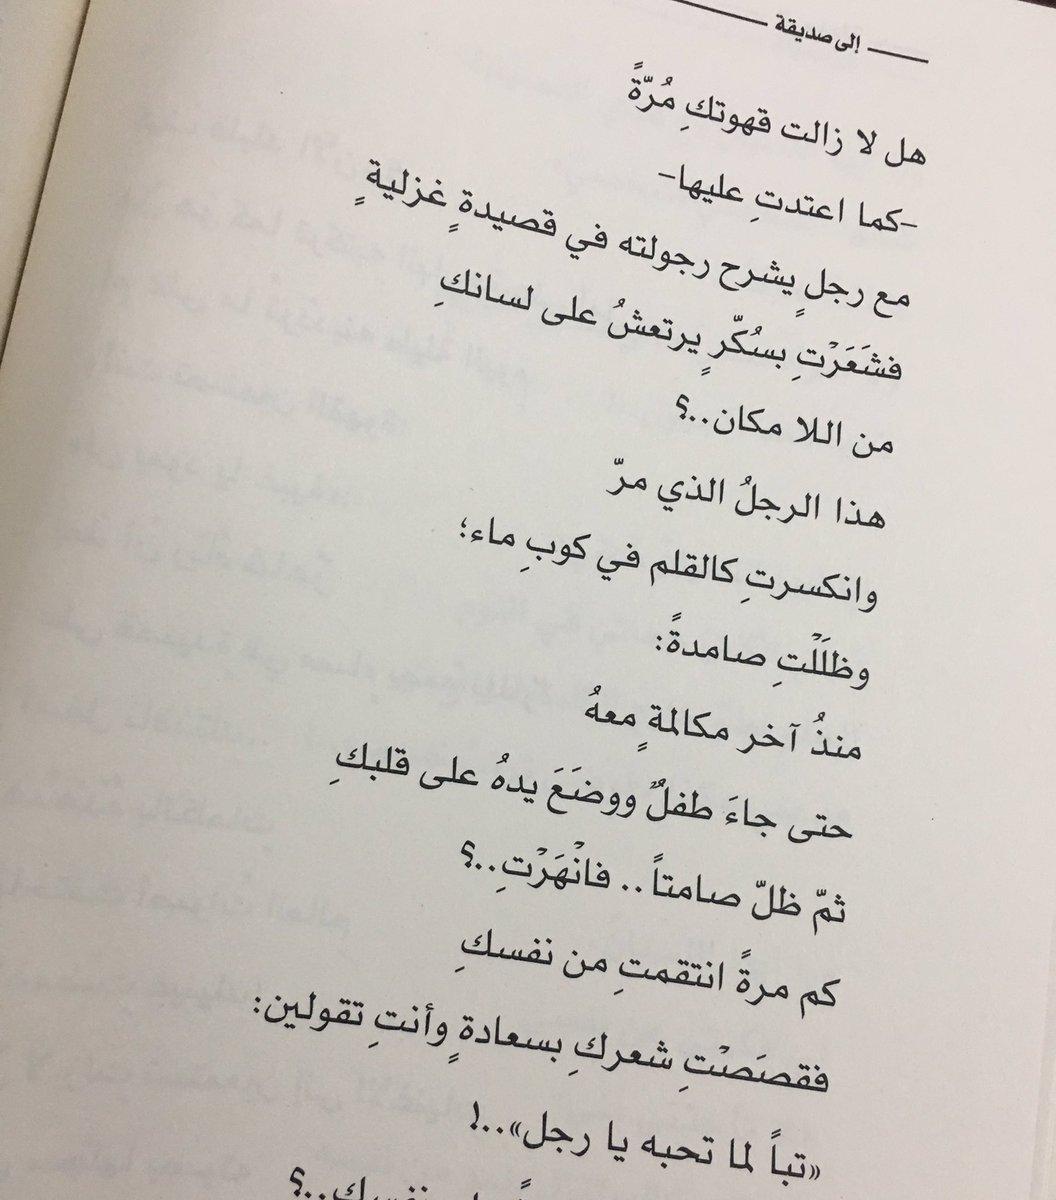 نتيجة بحث الصور عن اقتباسات من كتاب الى صديقه ماجد مقبل